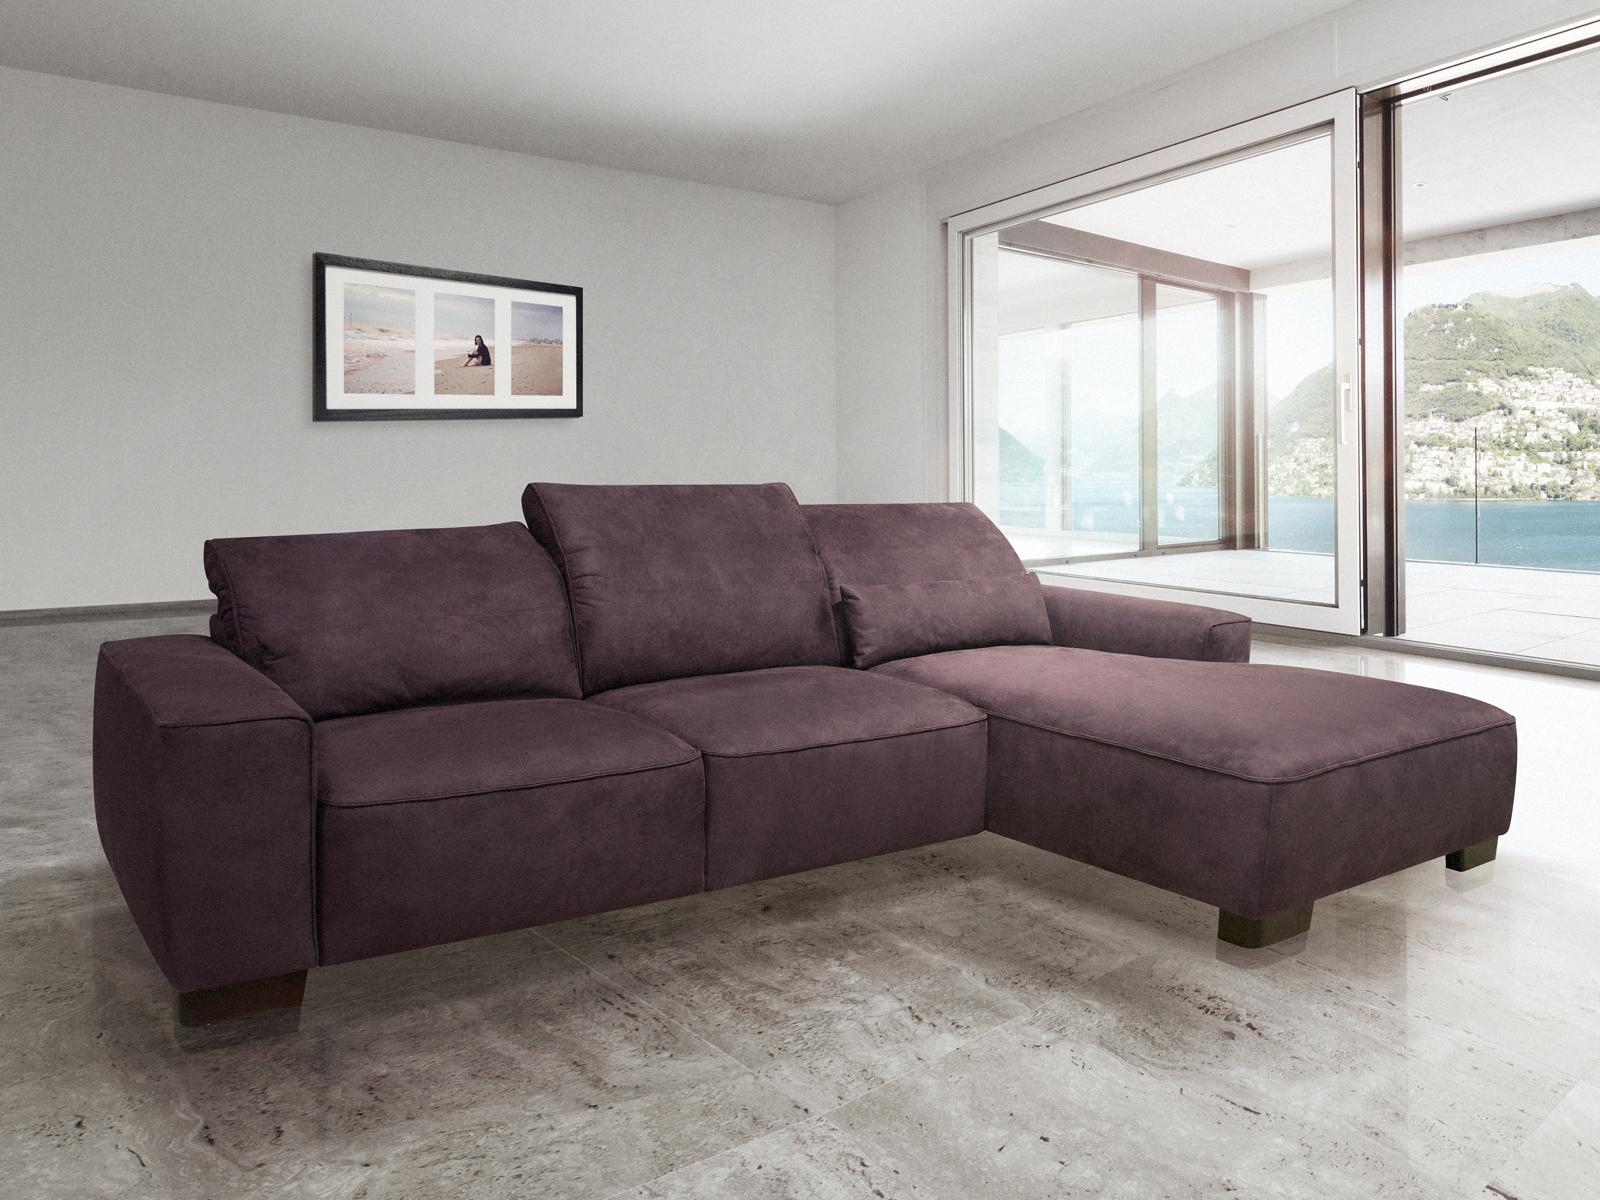 Rohová sedačka - BRW - Capri 2,5 Long (P)